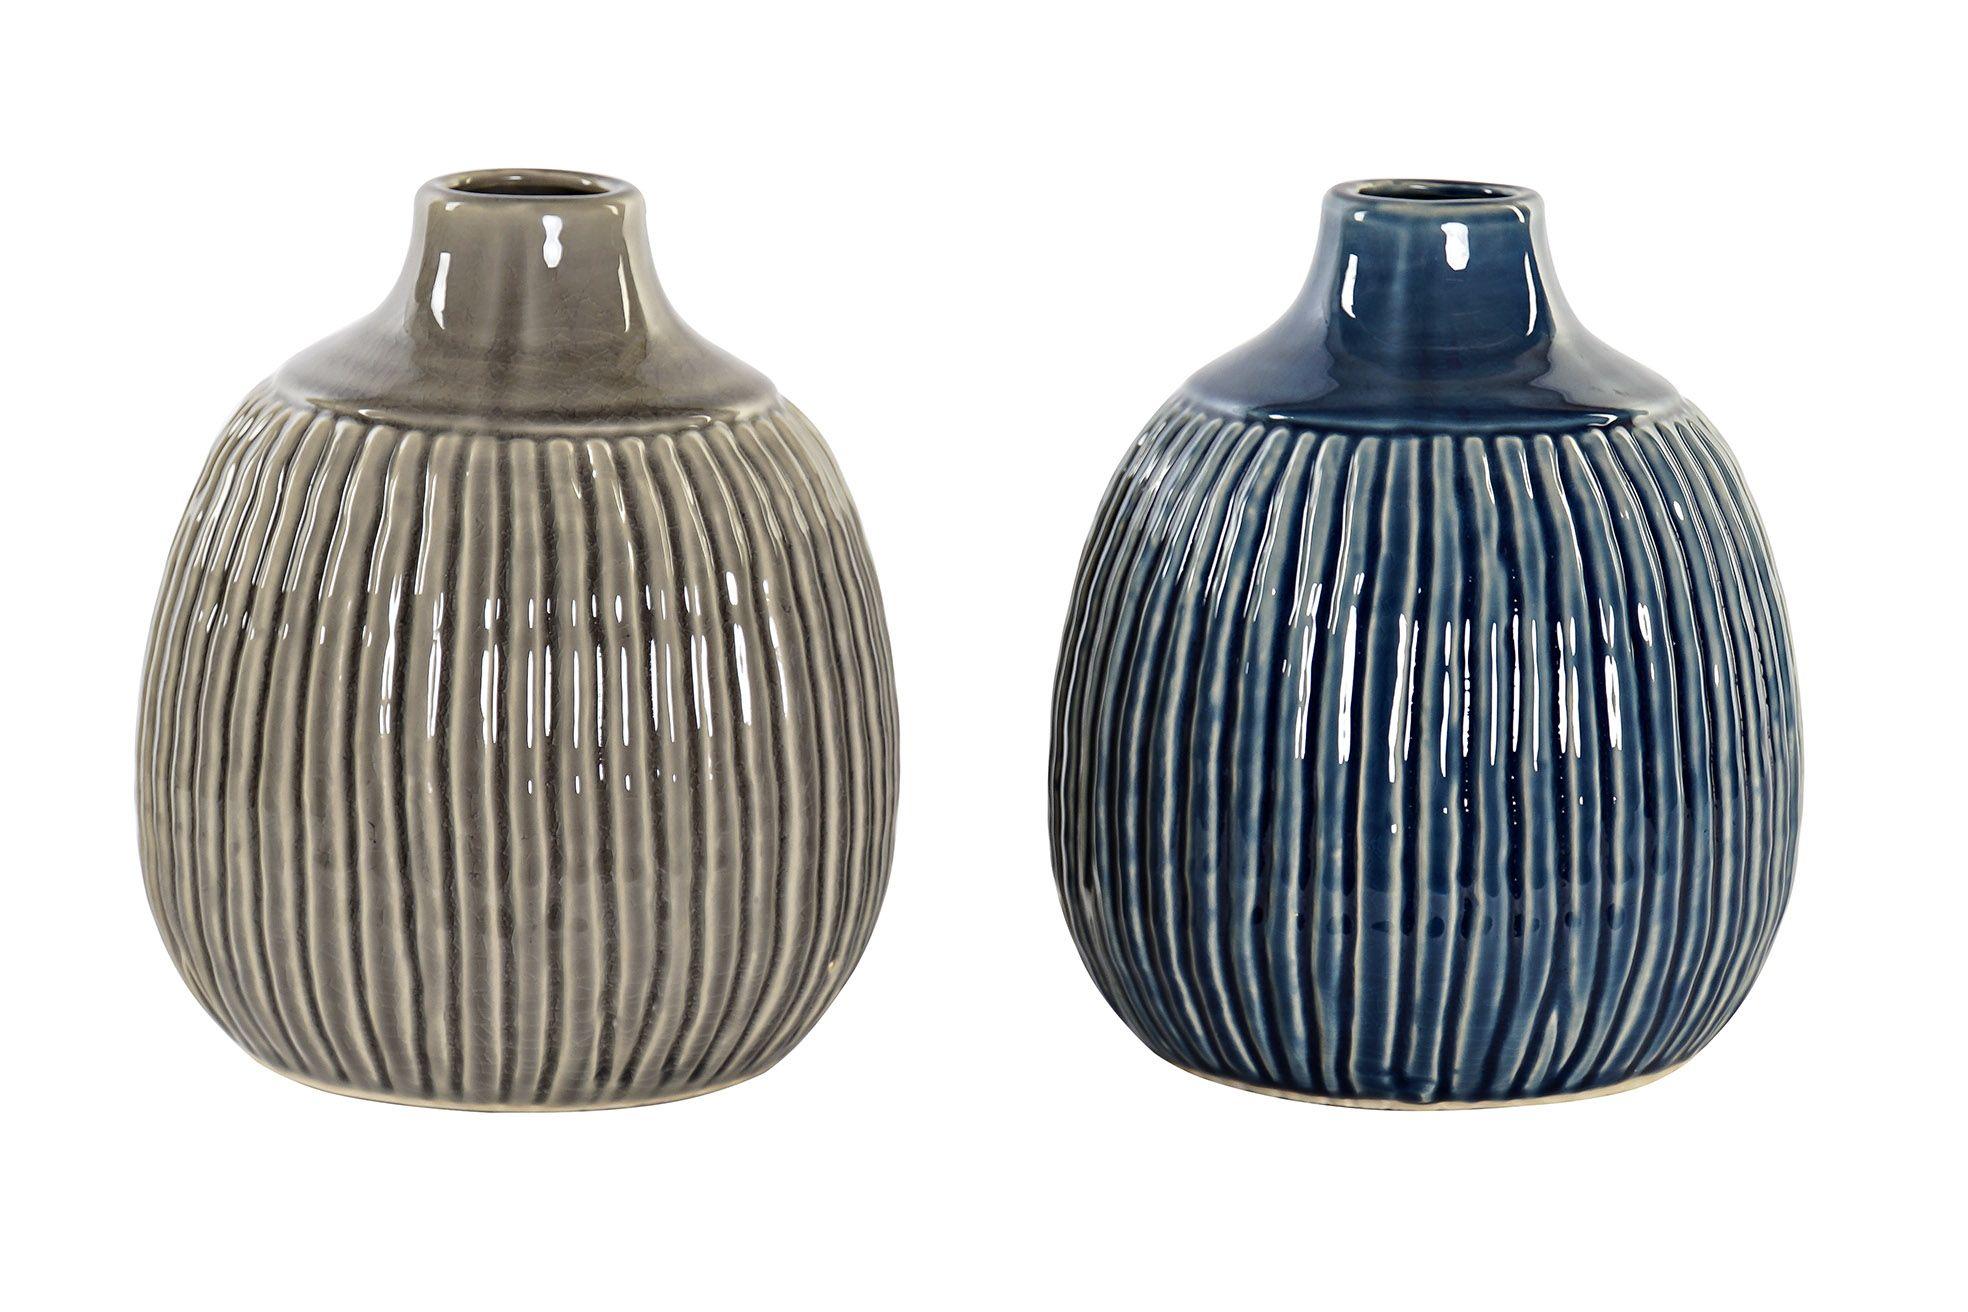 Vase i keramik med riller